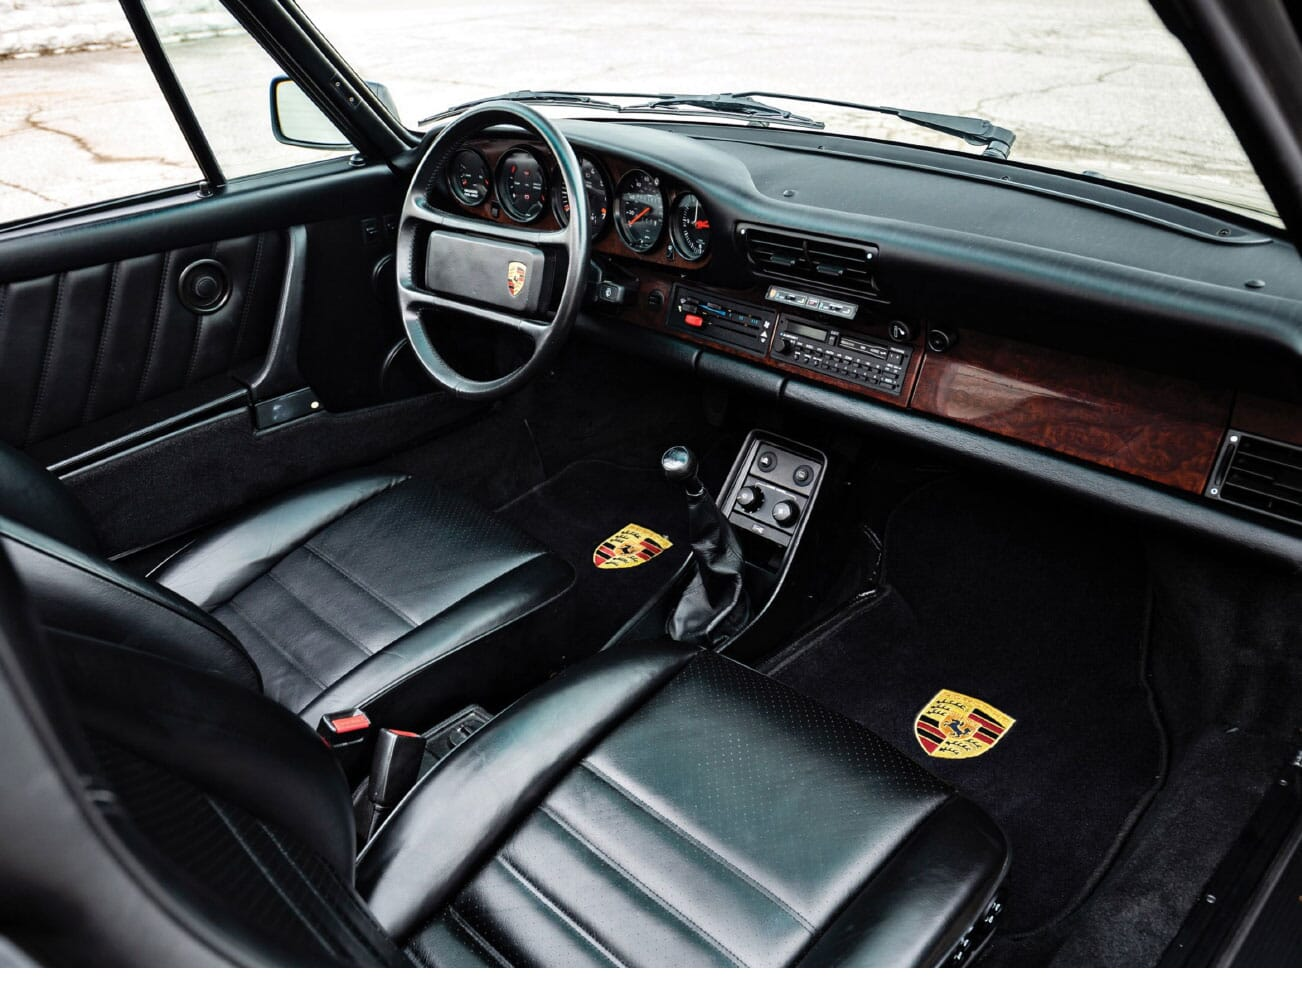 Porsche 930 Flat Nose A Motoring Icon Opumo Magazine